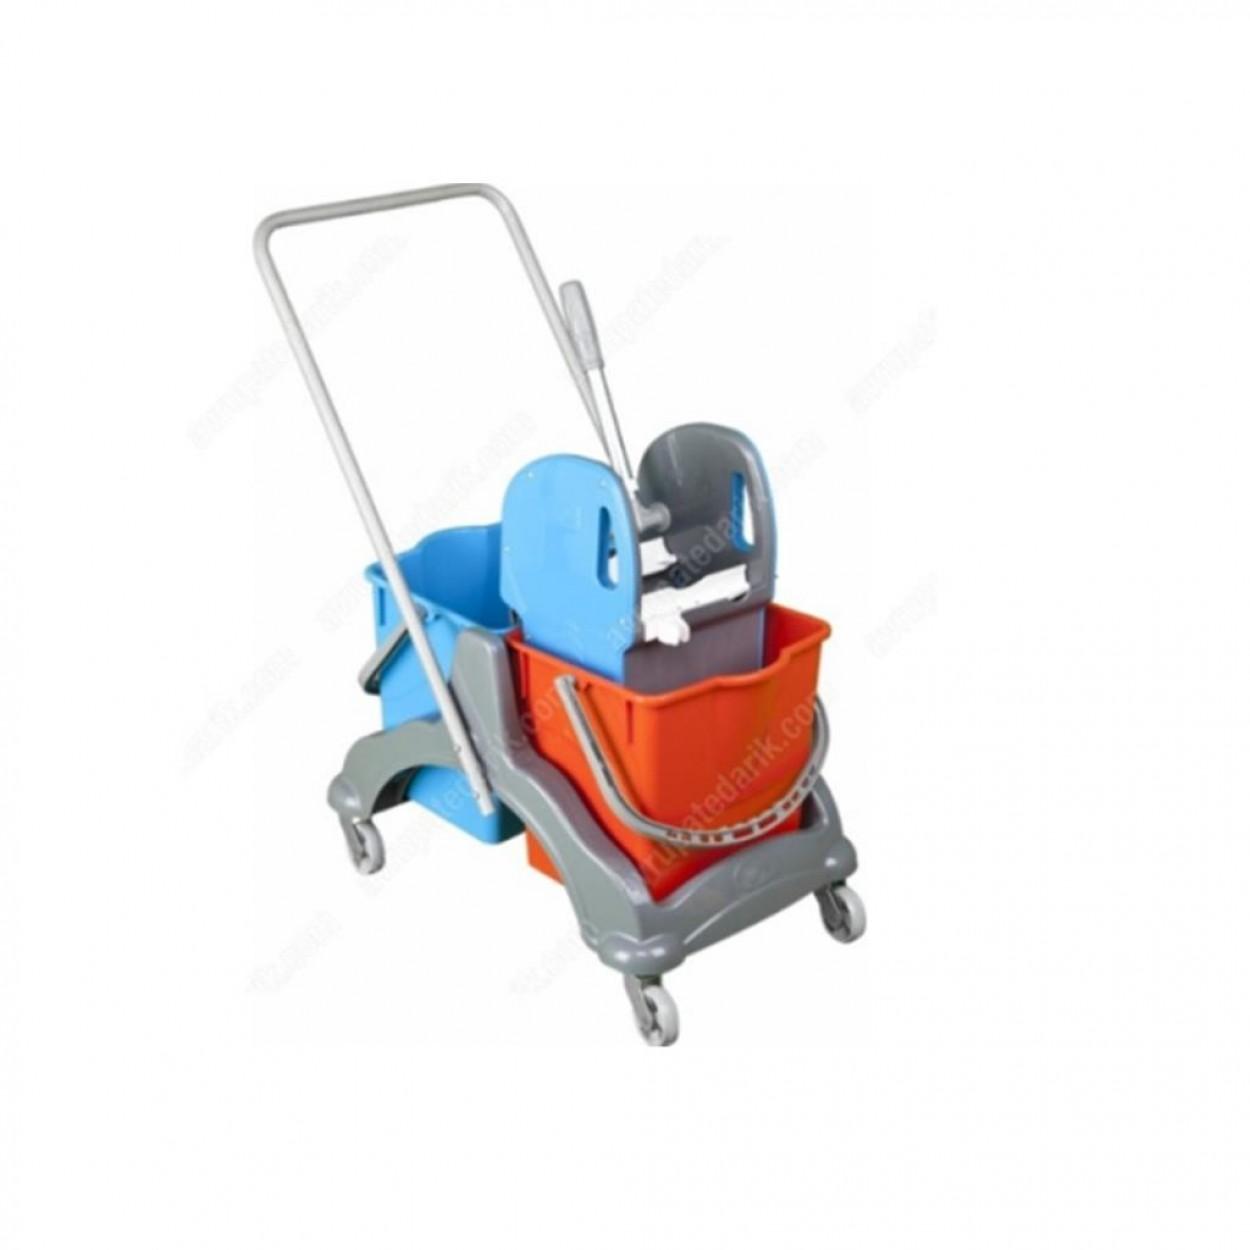 Euro Çift Kovalı Paspas Arabası Plastik Taşıyıcılı Plas.Presli